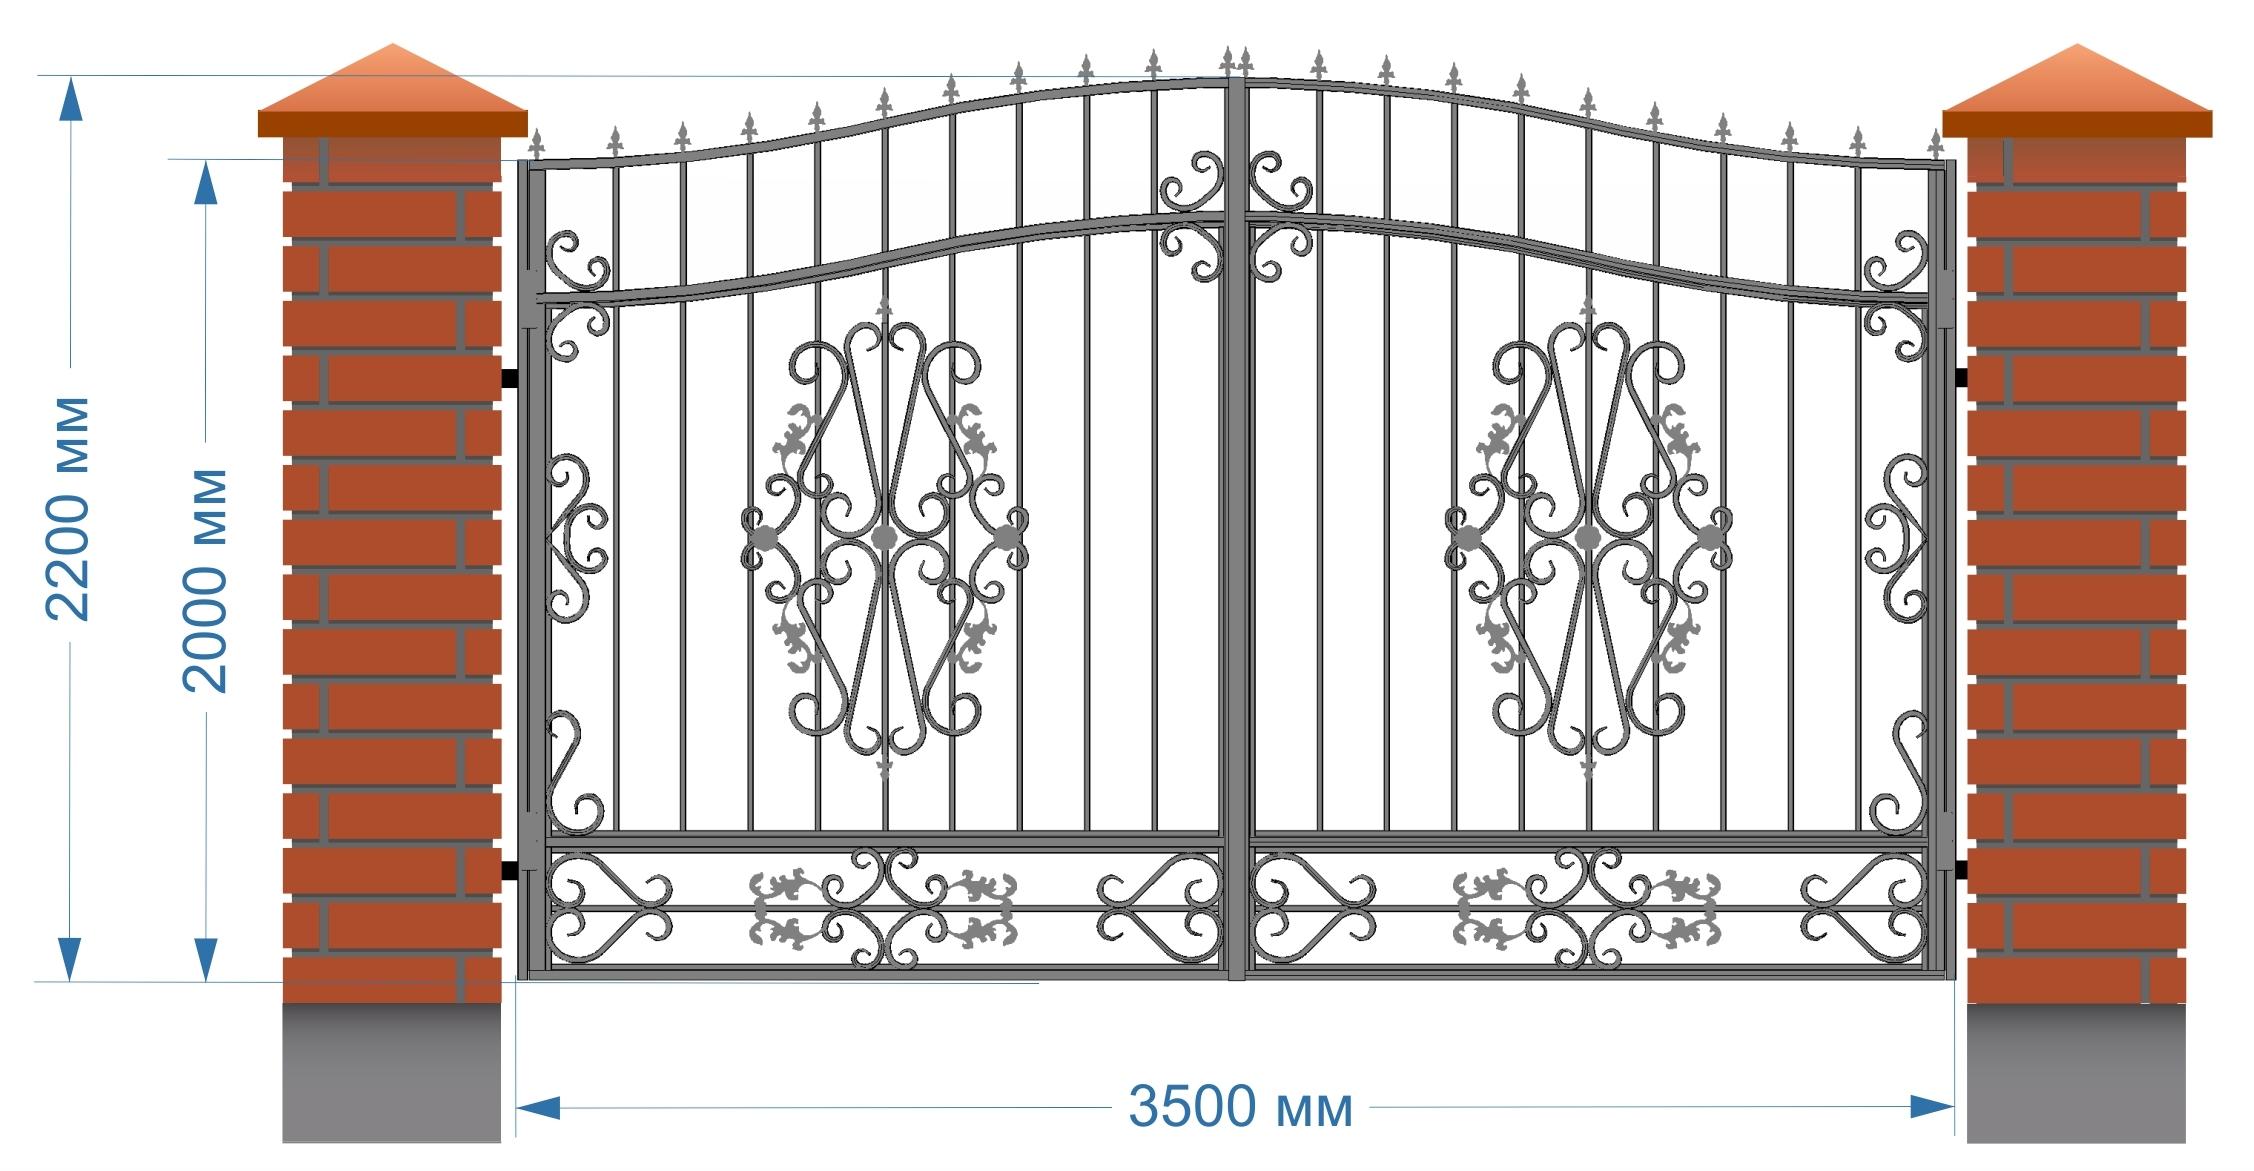 цены на распашные автоматические кованые ворота в городе казани